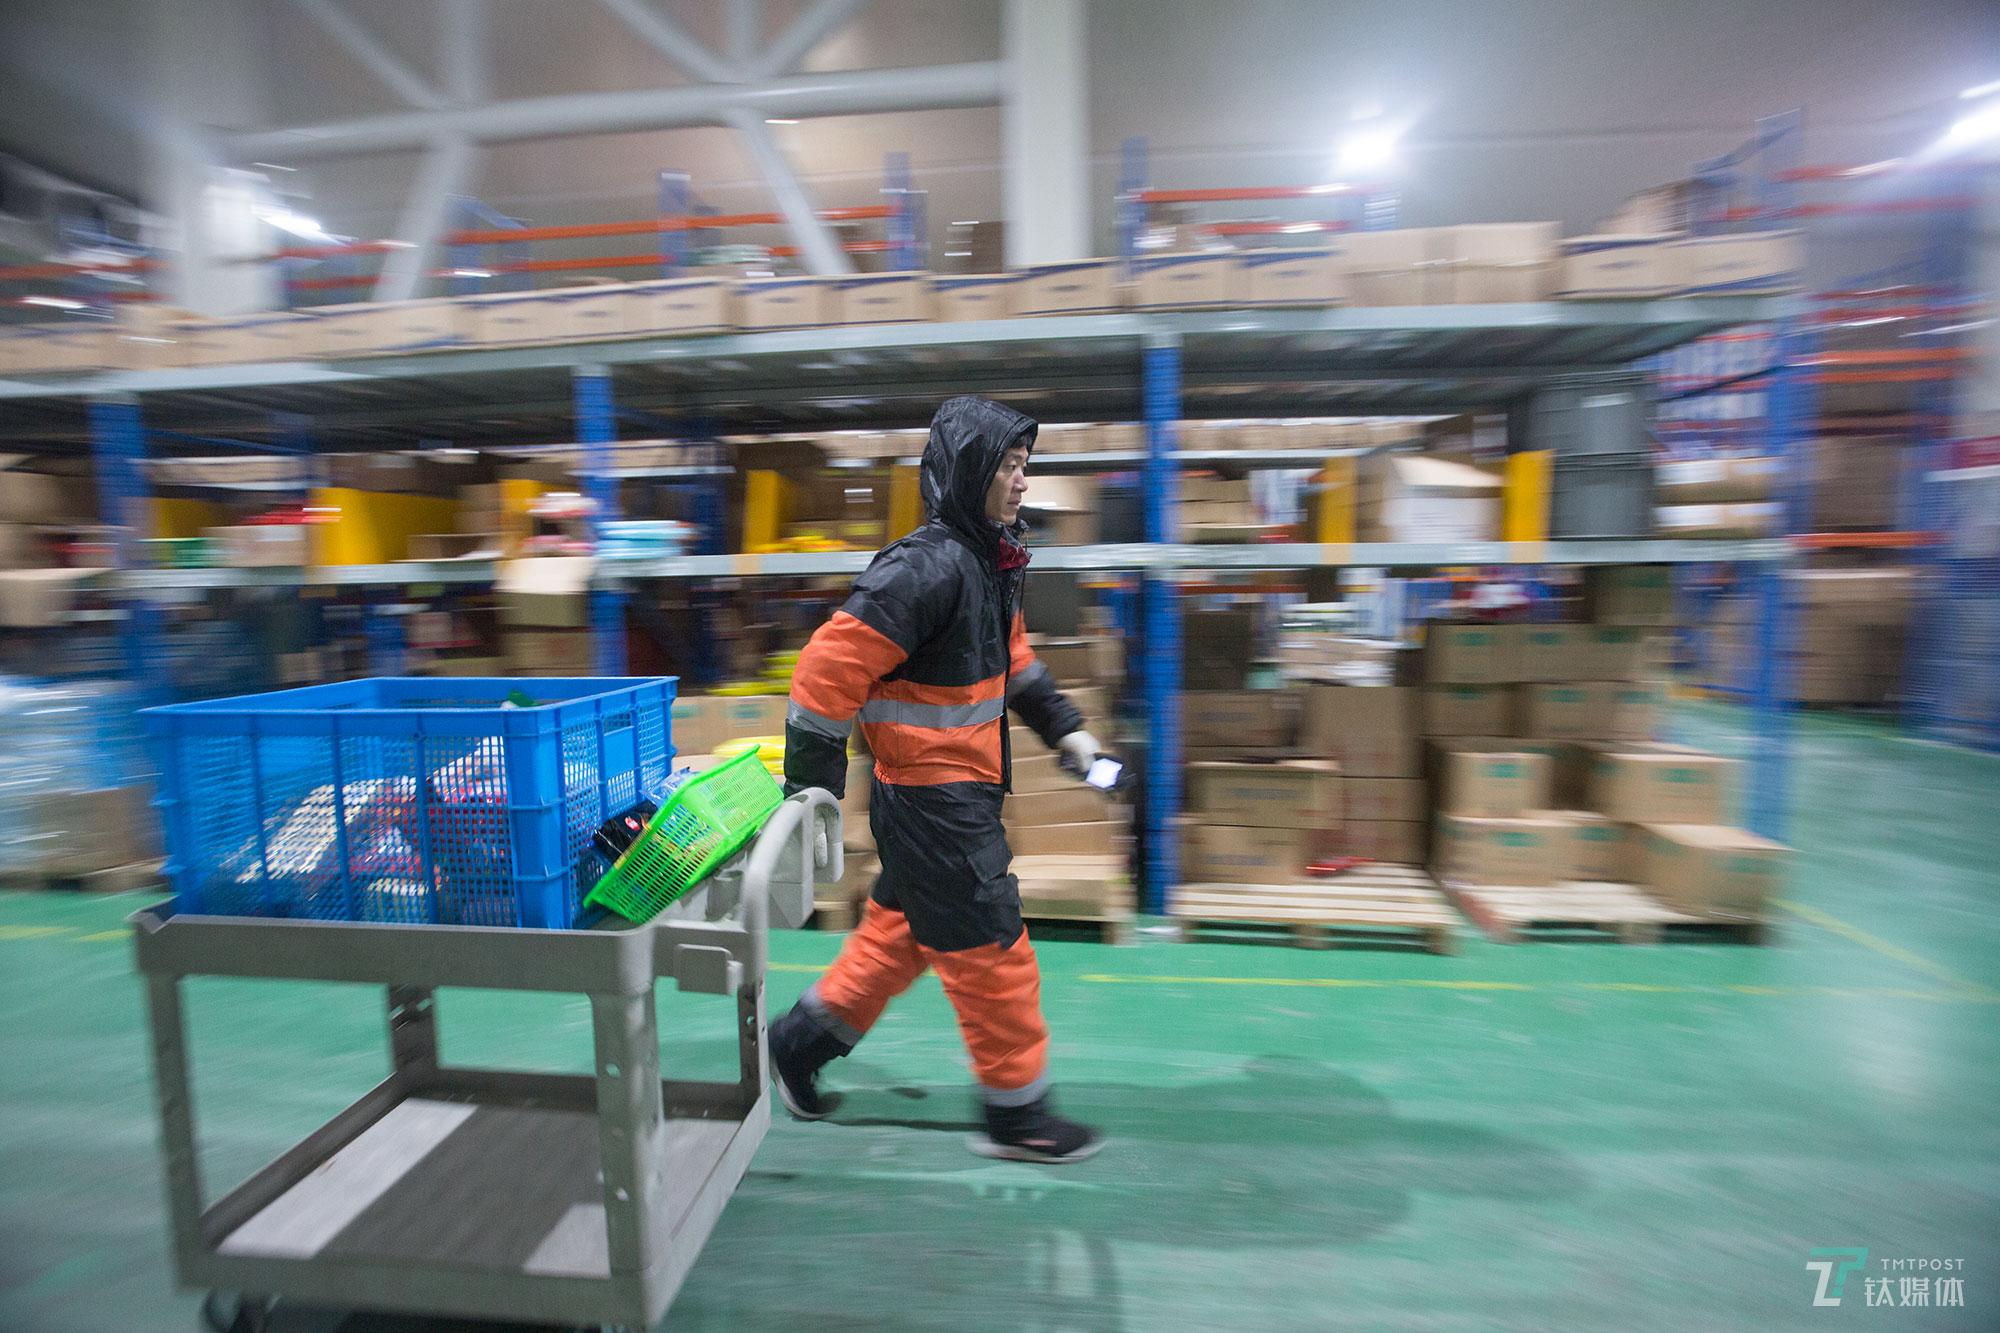 拣货员张修景拉着拣货车在货架之间穿梭。目前京东在全国有10多个生鲜冷库,生鲜冷链配送已覆盖全国300多个城市,冷链日均仓库订单处理能力100万件。张修景所在的这个冷库主要辐射华北地区。